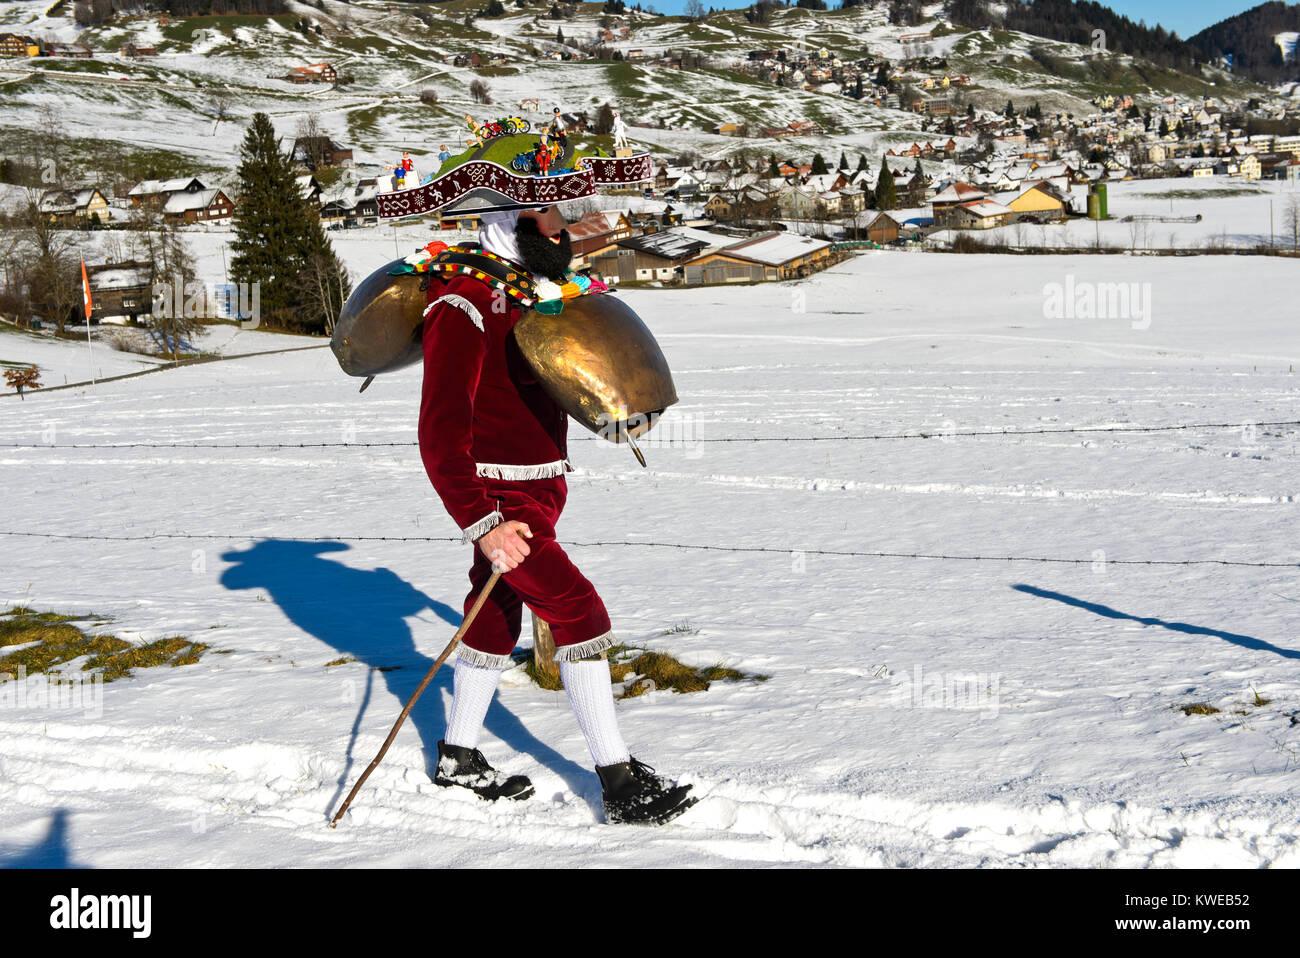 Schellenklaus, Hl. Silvester mummer mit großen bellls, Alte Sylvester Prozession, Urnäsch Silvesterkläuse, Stockbild